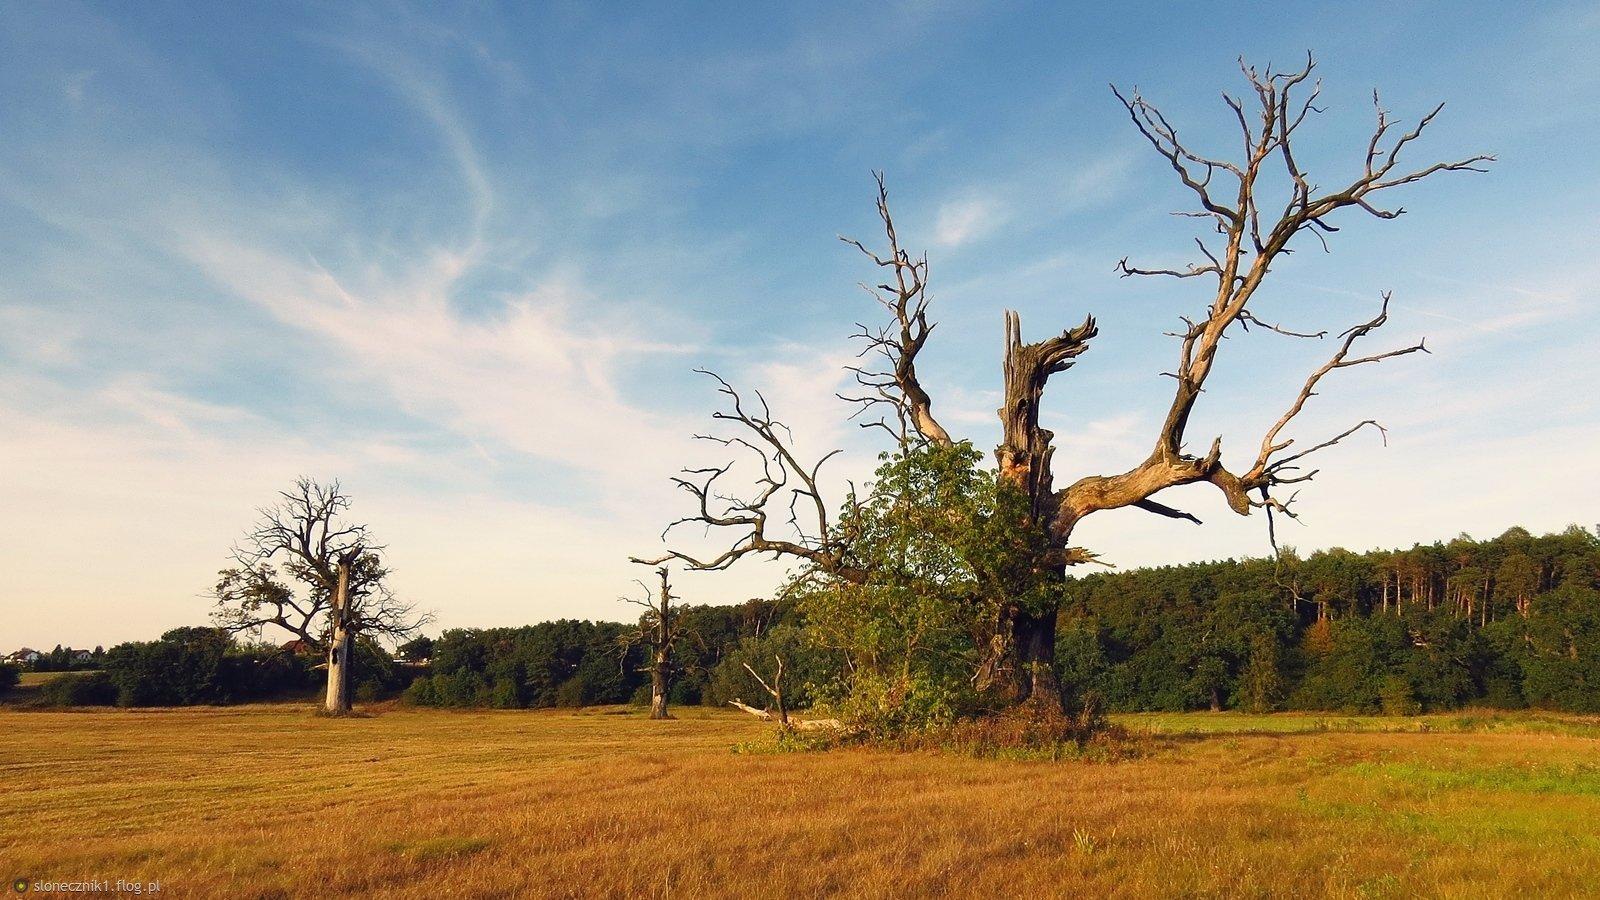 W niezwykłym świecie rogalińskich drzew - jest taki jeden dąb Ozyrysem lub Orłem zwany